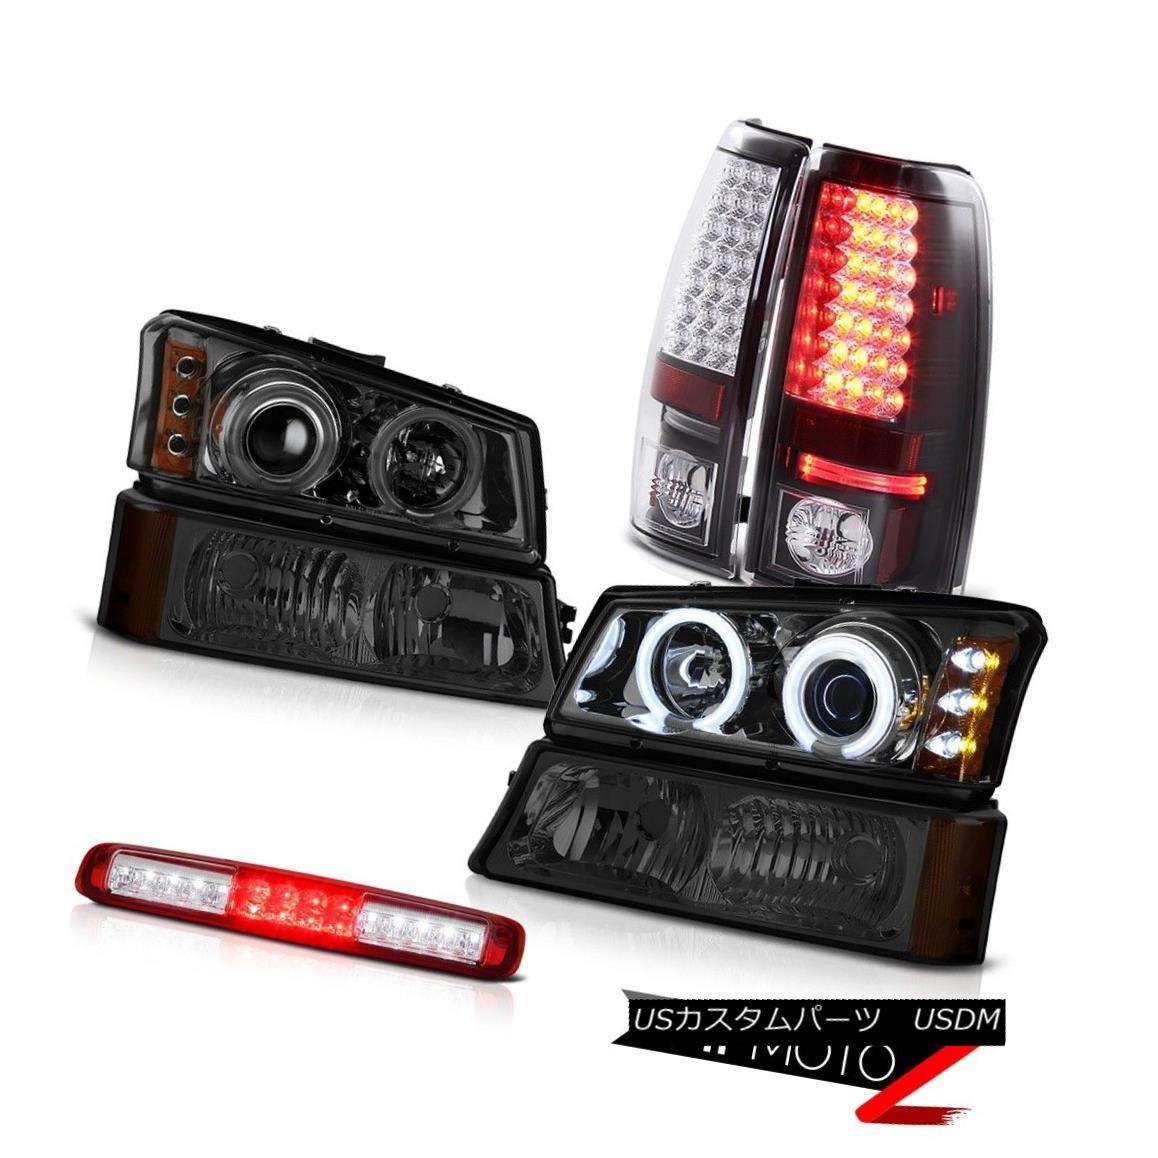 テールライト 03-06 Silverado 1500 Smoked Turn Signal 3RD Brake Light Headlights Tail Lamps 03-06 Silverado 1500スモークターンシグナル3RDブレーキライトヘッドライトテールランプ